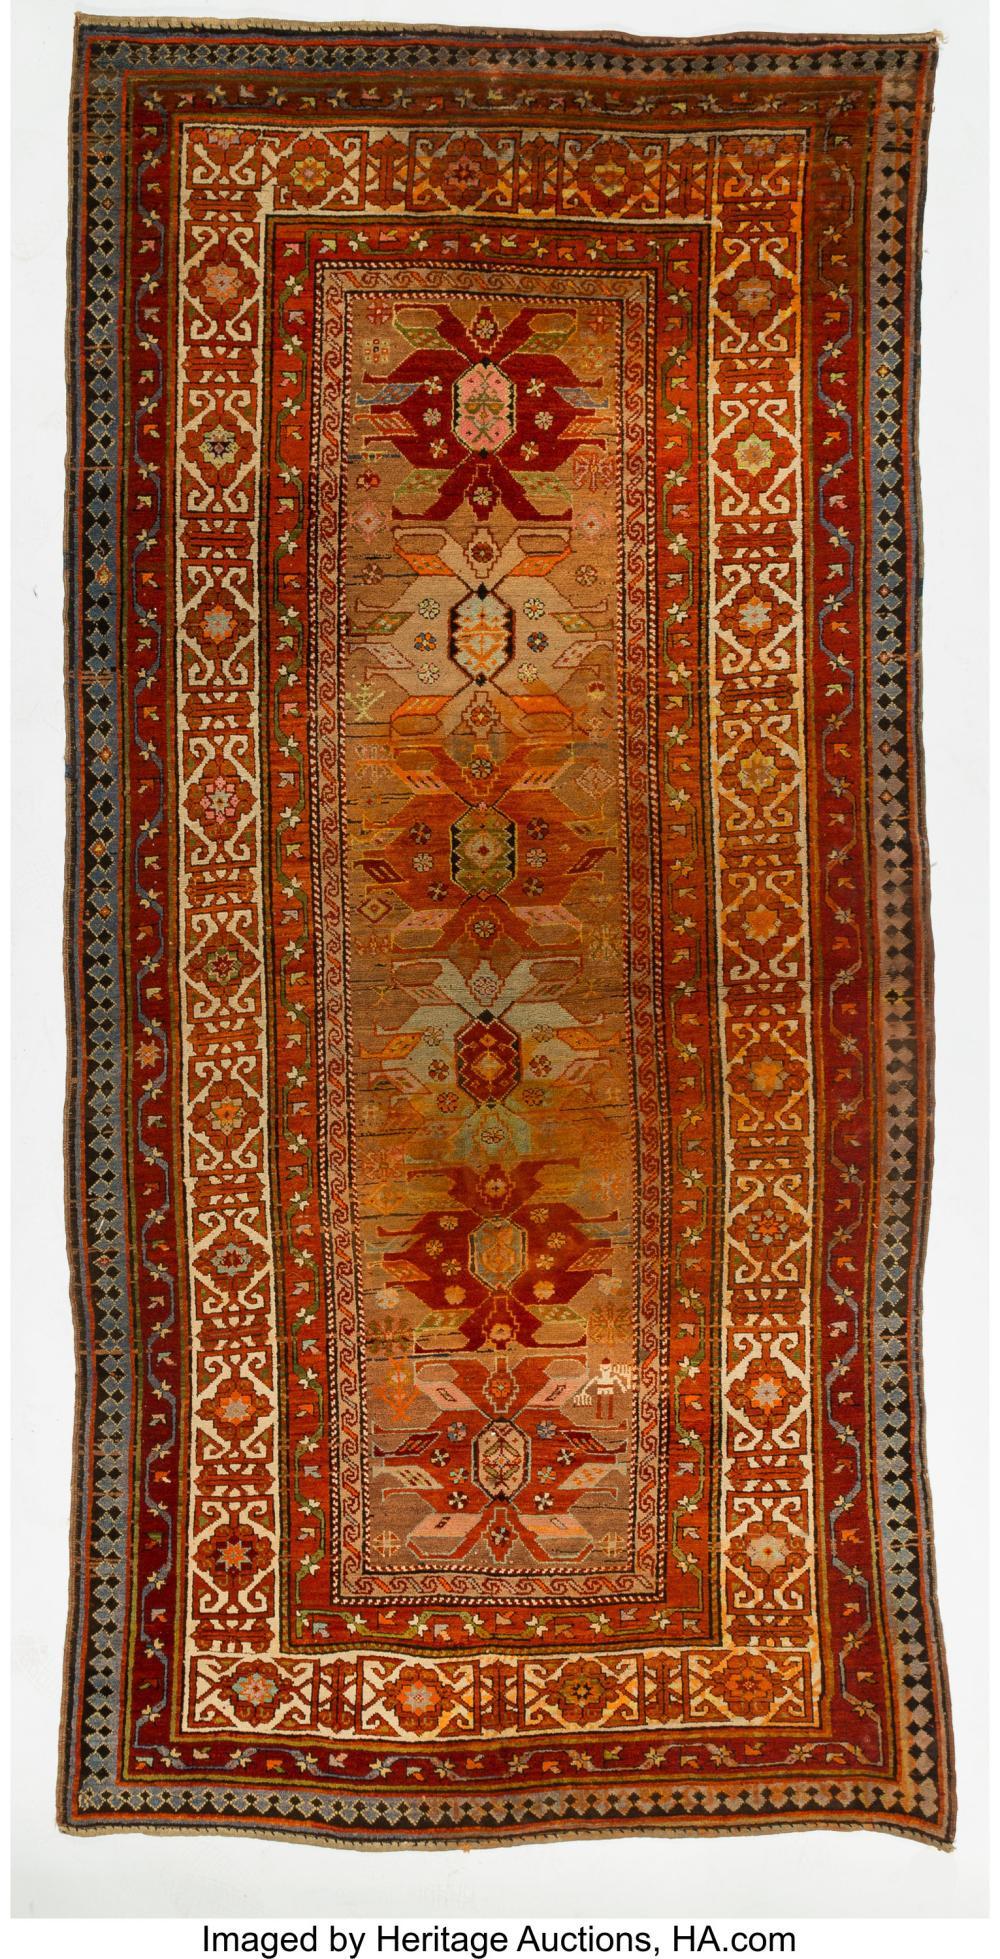 Lot 21255: A Caucasian Kuba Herat Perepedil Carpet, Northeast Azerbaijan, early 20th centur